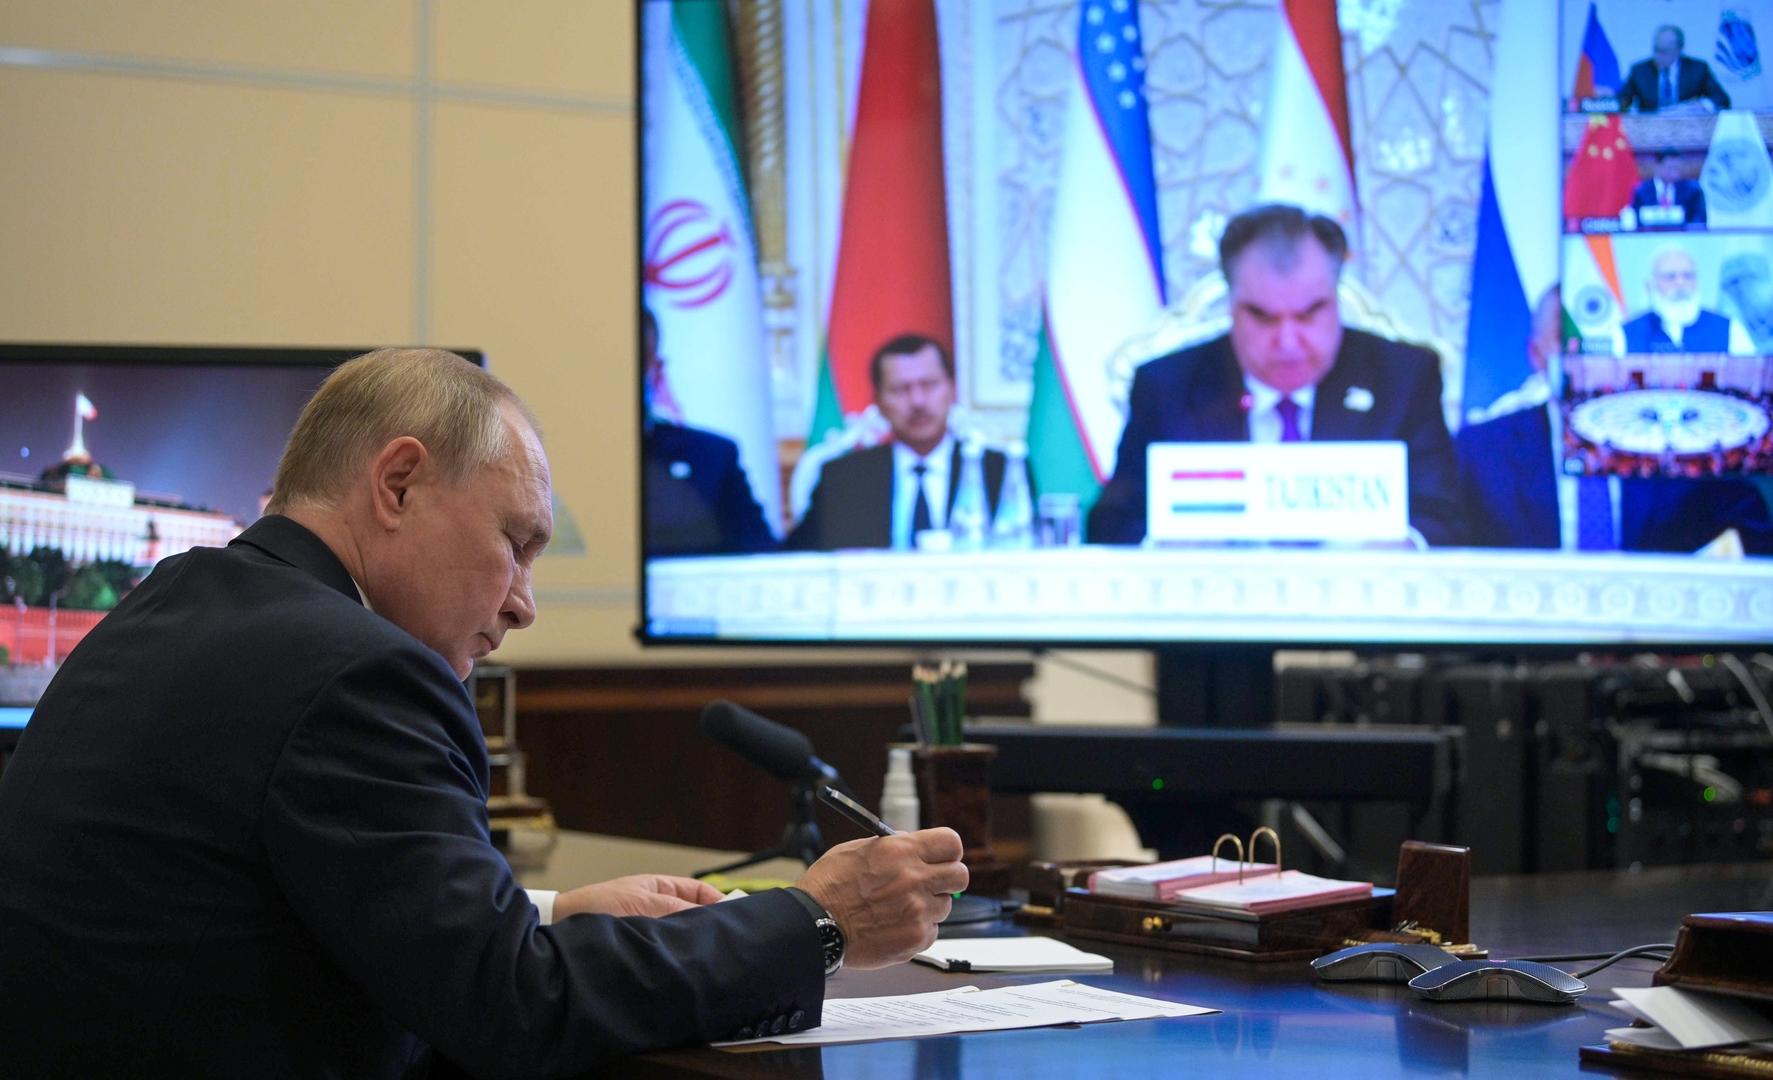 وزير الخارجية الإيراني: شكرت لافروف لدعمه لانضمام إيران إلى منظمة شنغهاي للتعاون